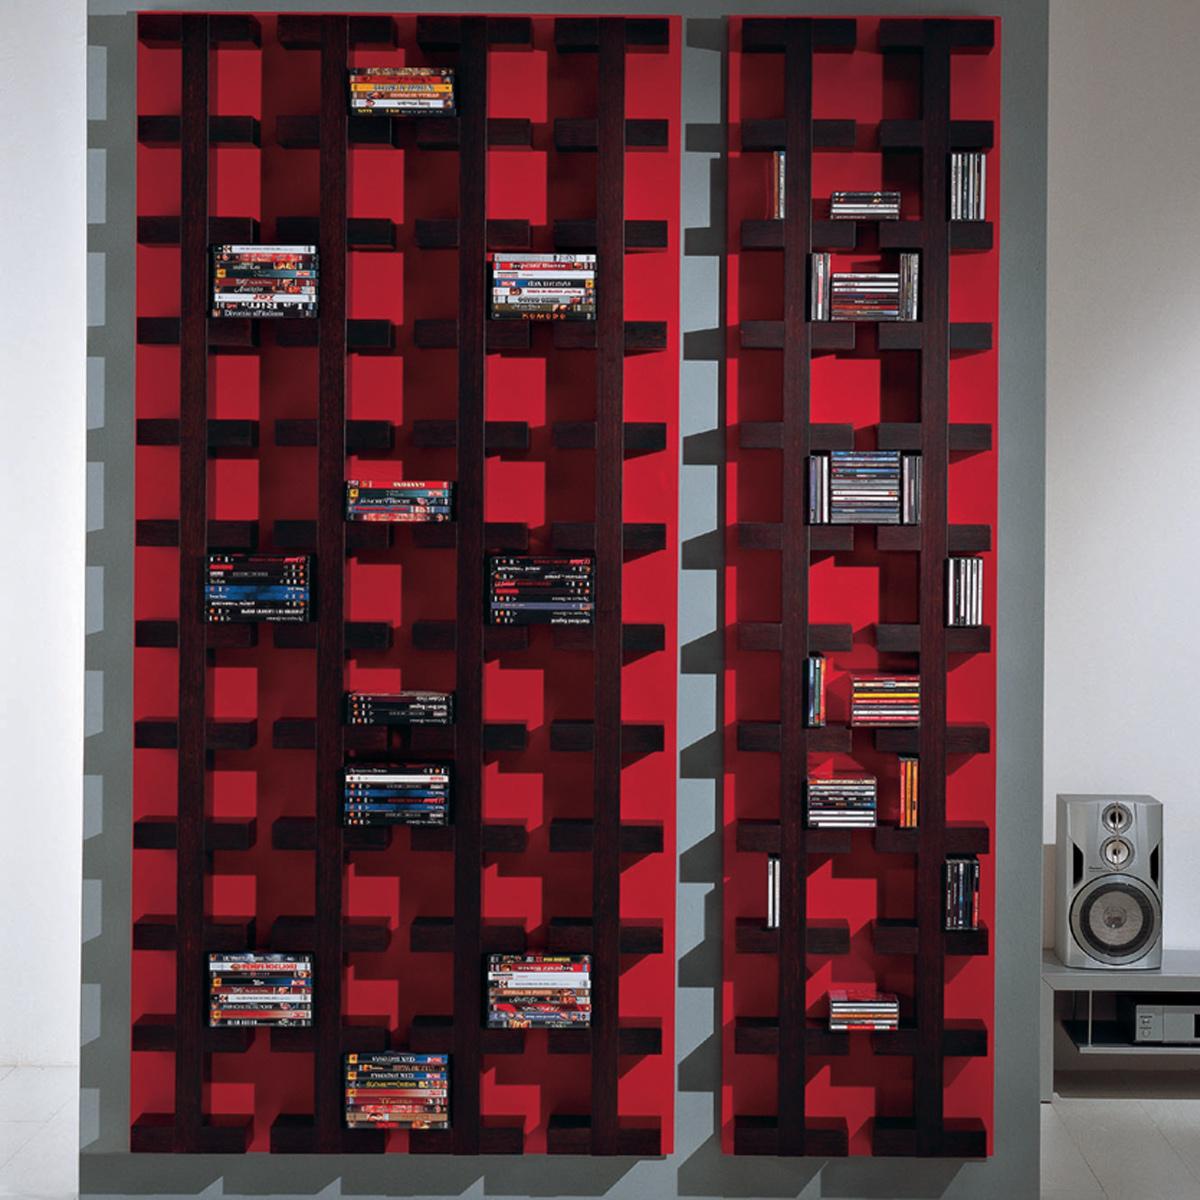 cd dvd regale und aufbewahrung bei hifi tv seite 5. Black Bedroom Furniture Sets. Home Design Ideas